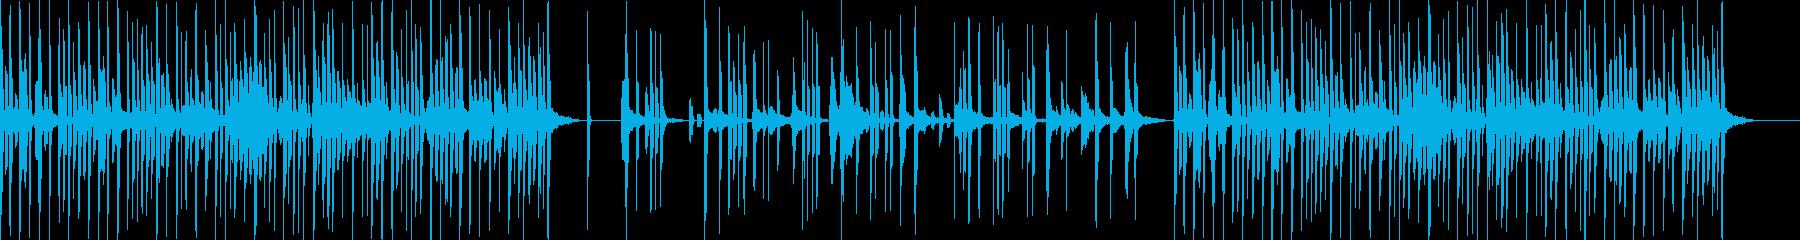 アニメの戦闘シーンBGMですの再生済みの波形